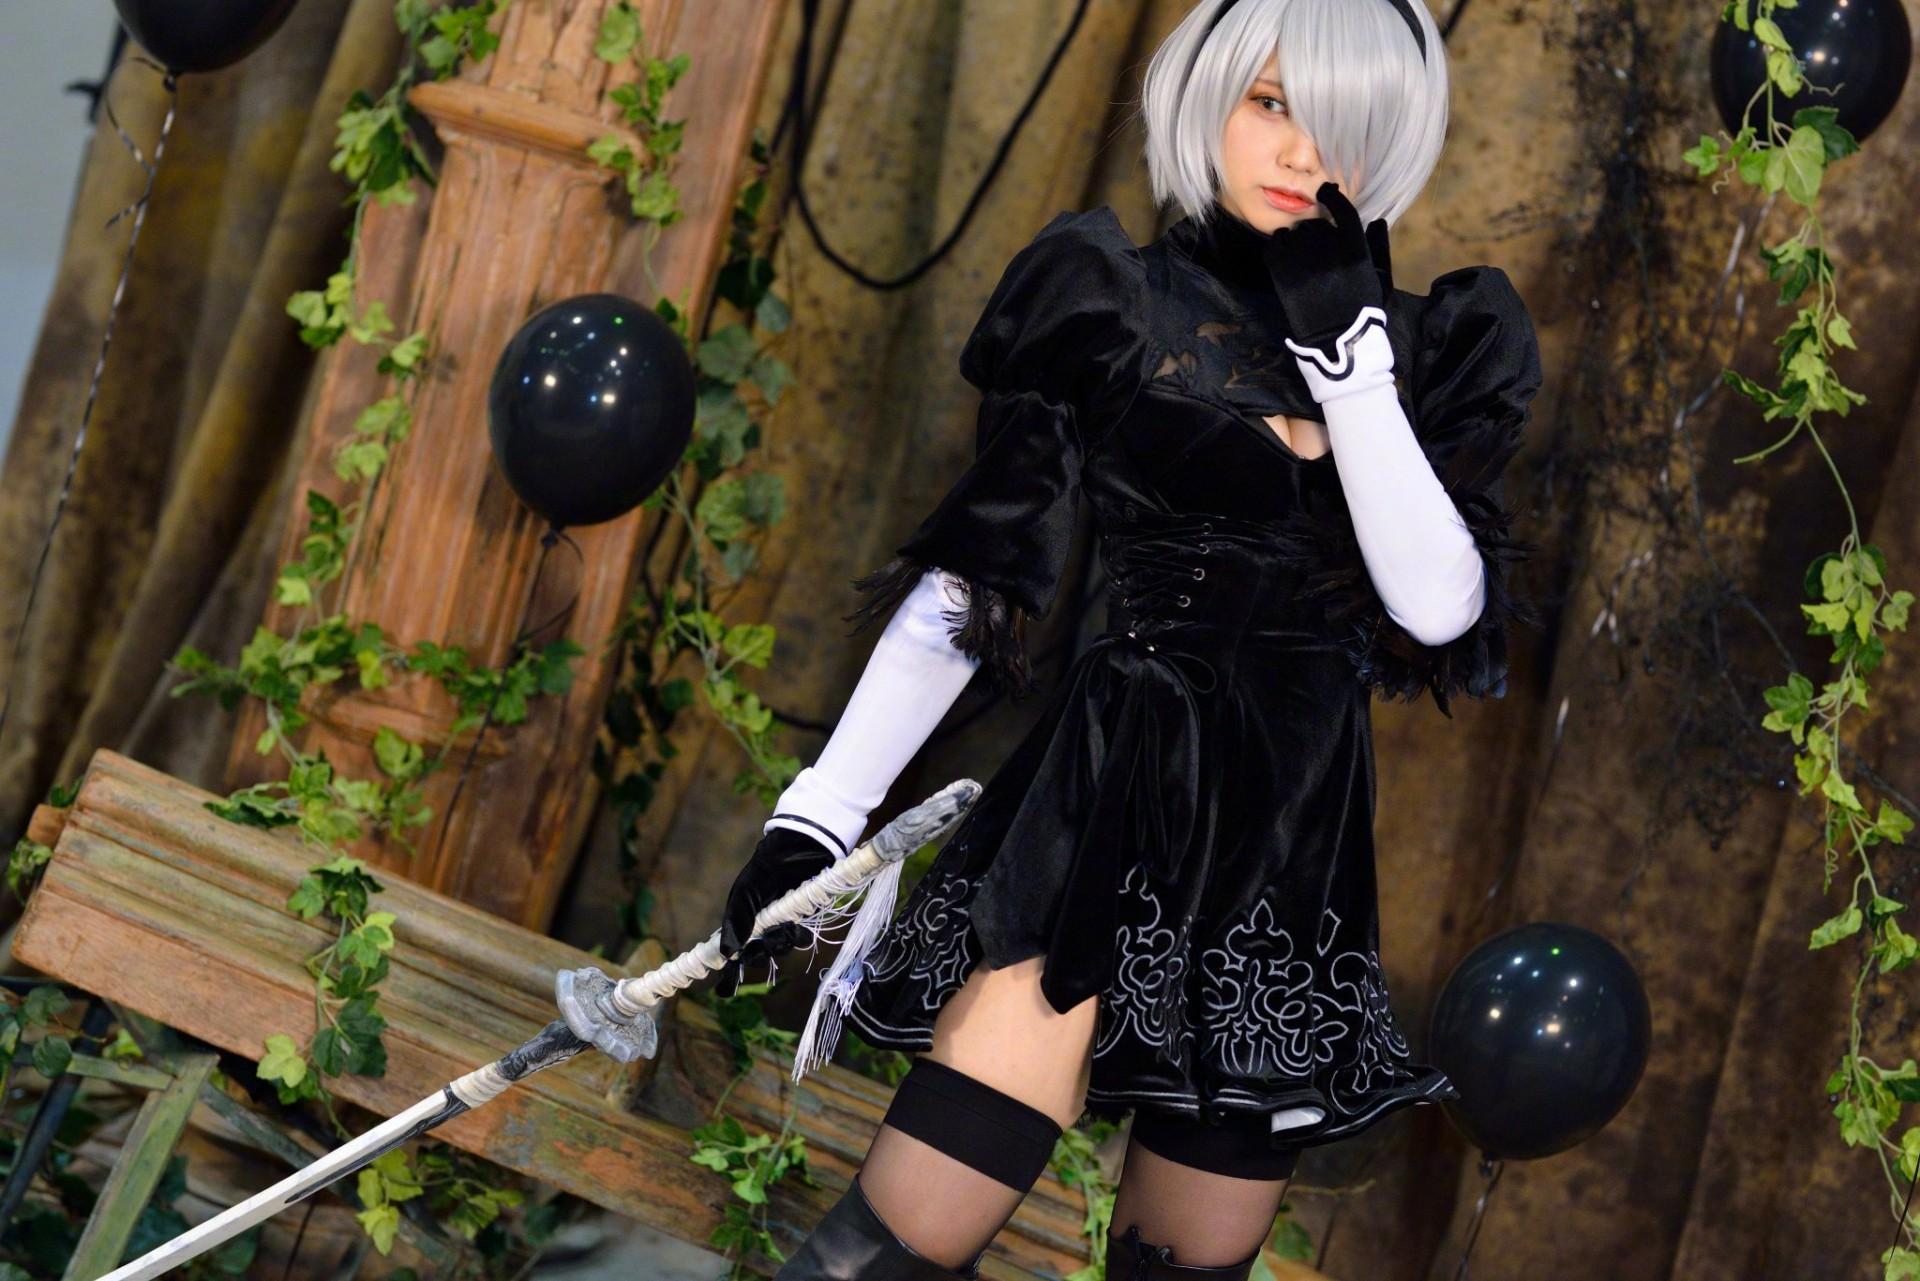 日本美女Enako COS《尼尔》2B 黑丝美腿性感撩人